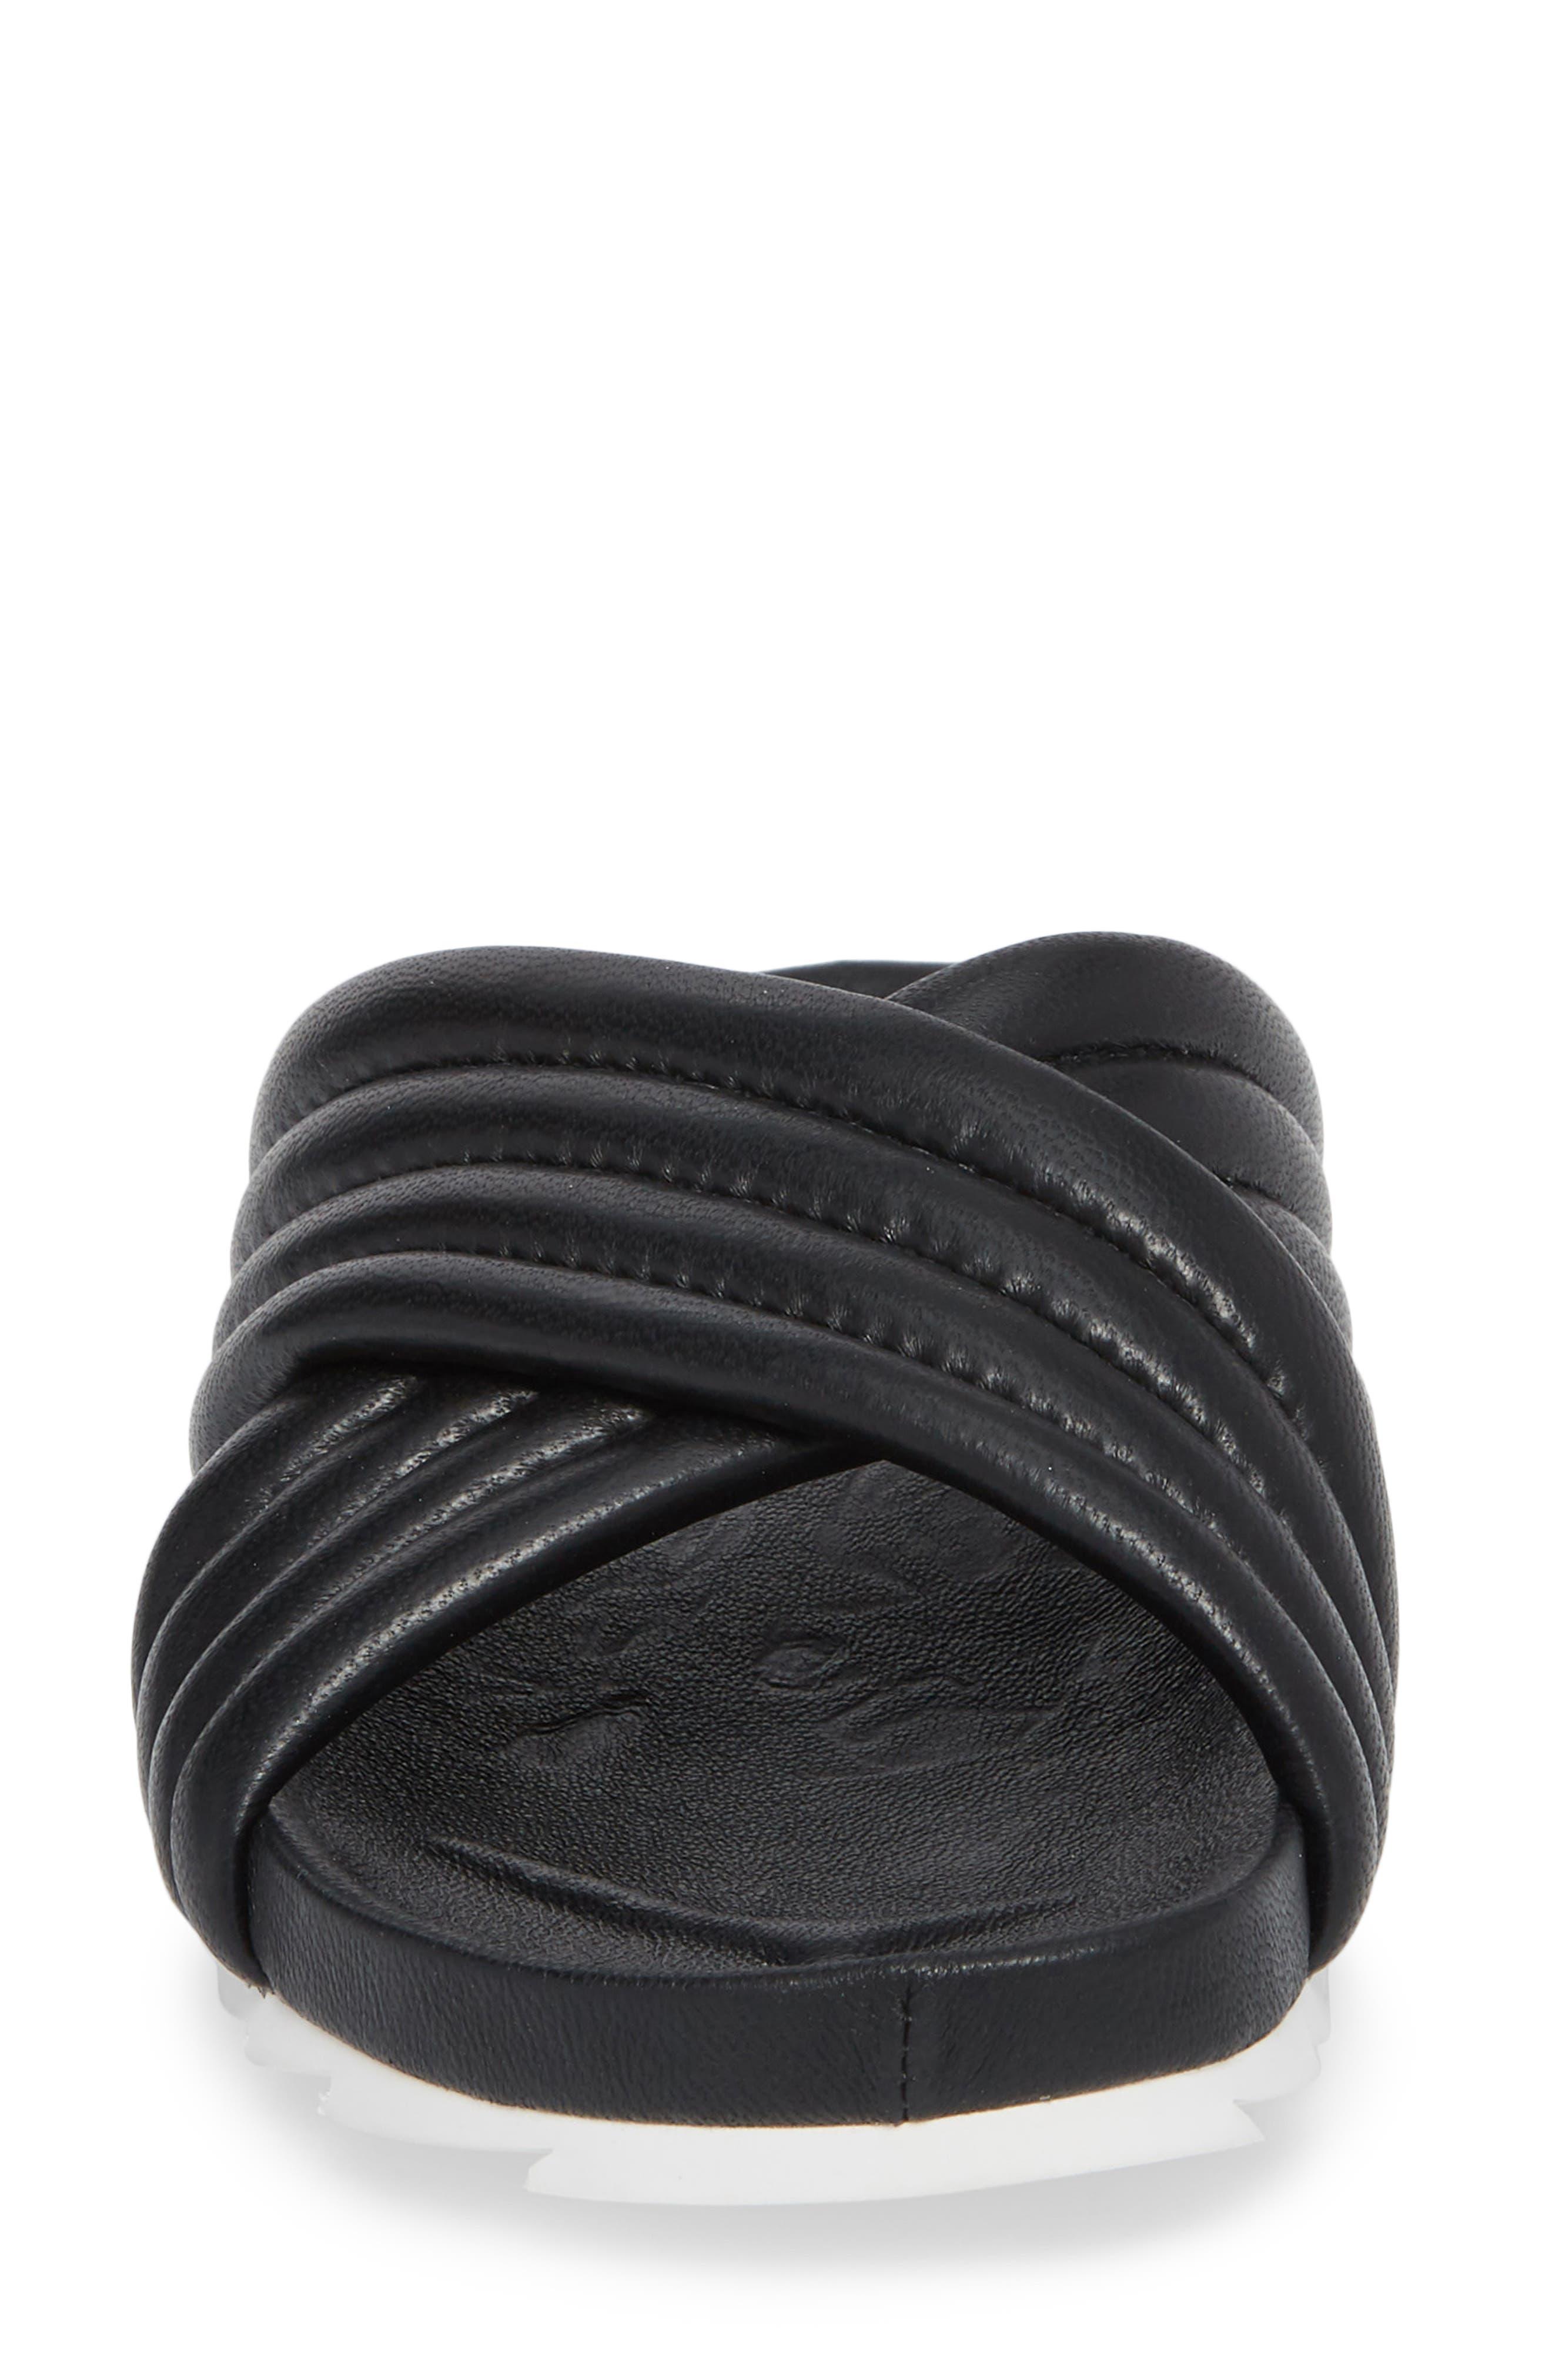 Easy Slide Sandal,                             Alternate thumbnail 4, color,                             BLACK LEATHER